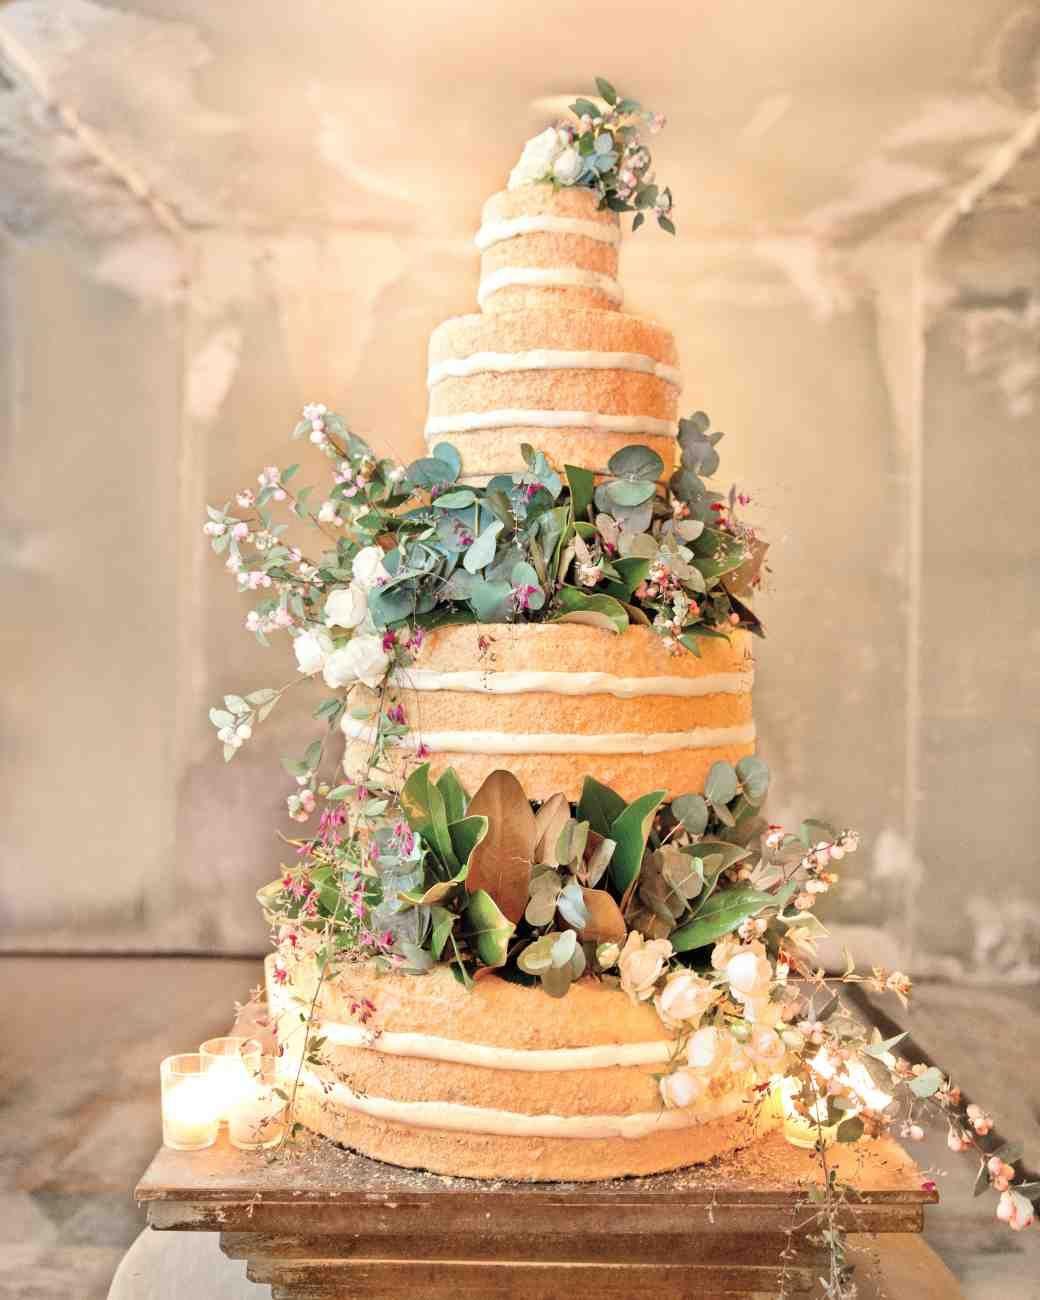 Kennt ihr schon die #Naked-Cake? Tolle Variante zu #Fondant-Torten. Mit #Blüten #und Beeren toll verzieren.